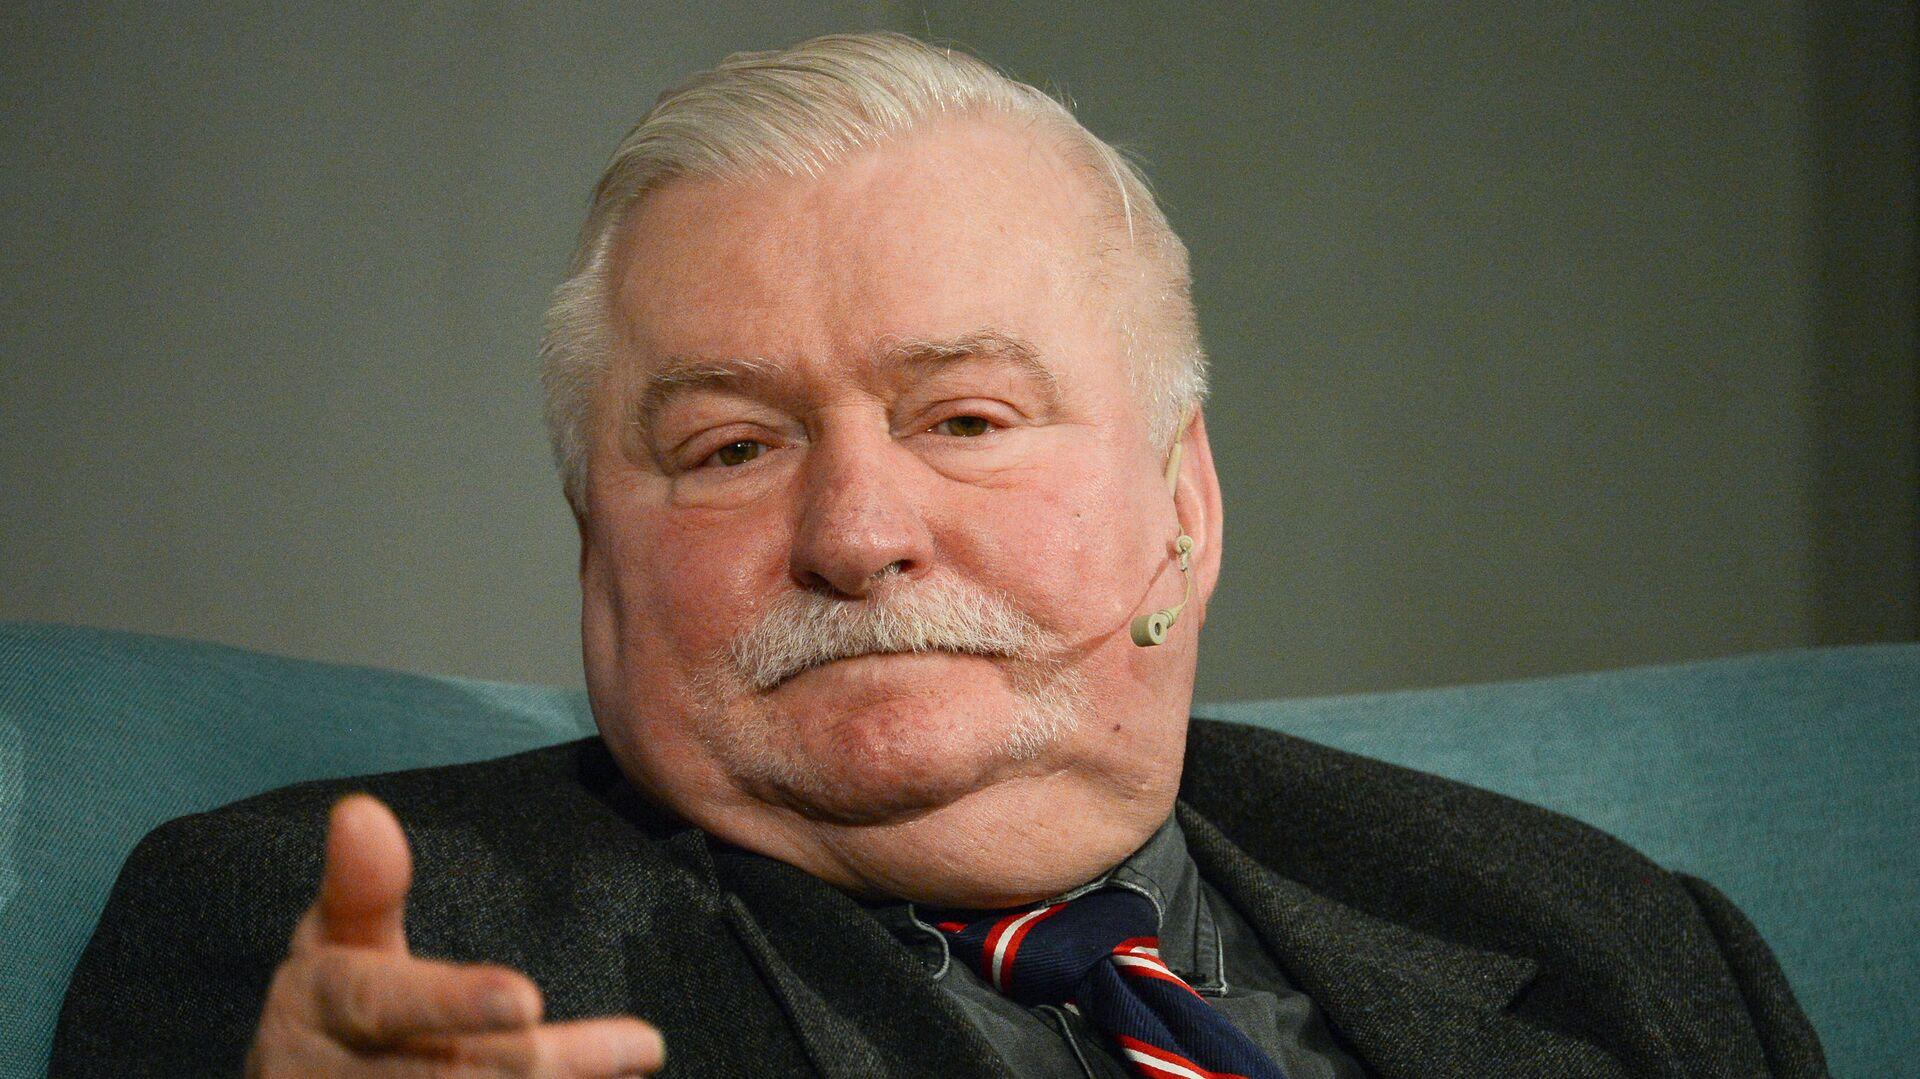 Бывший президент Польши Лех Валенса - РИА Новости, 1920, 08.06.2021